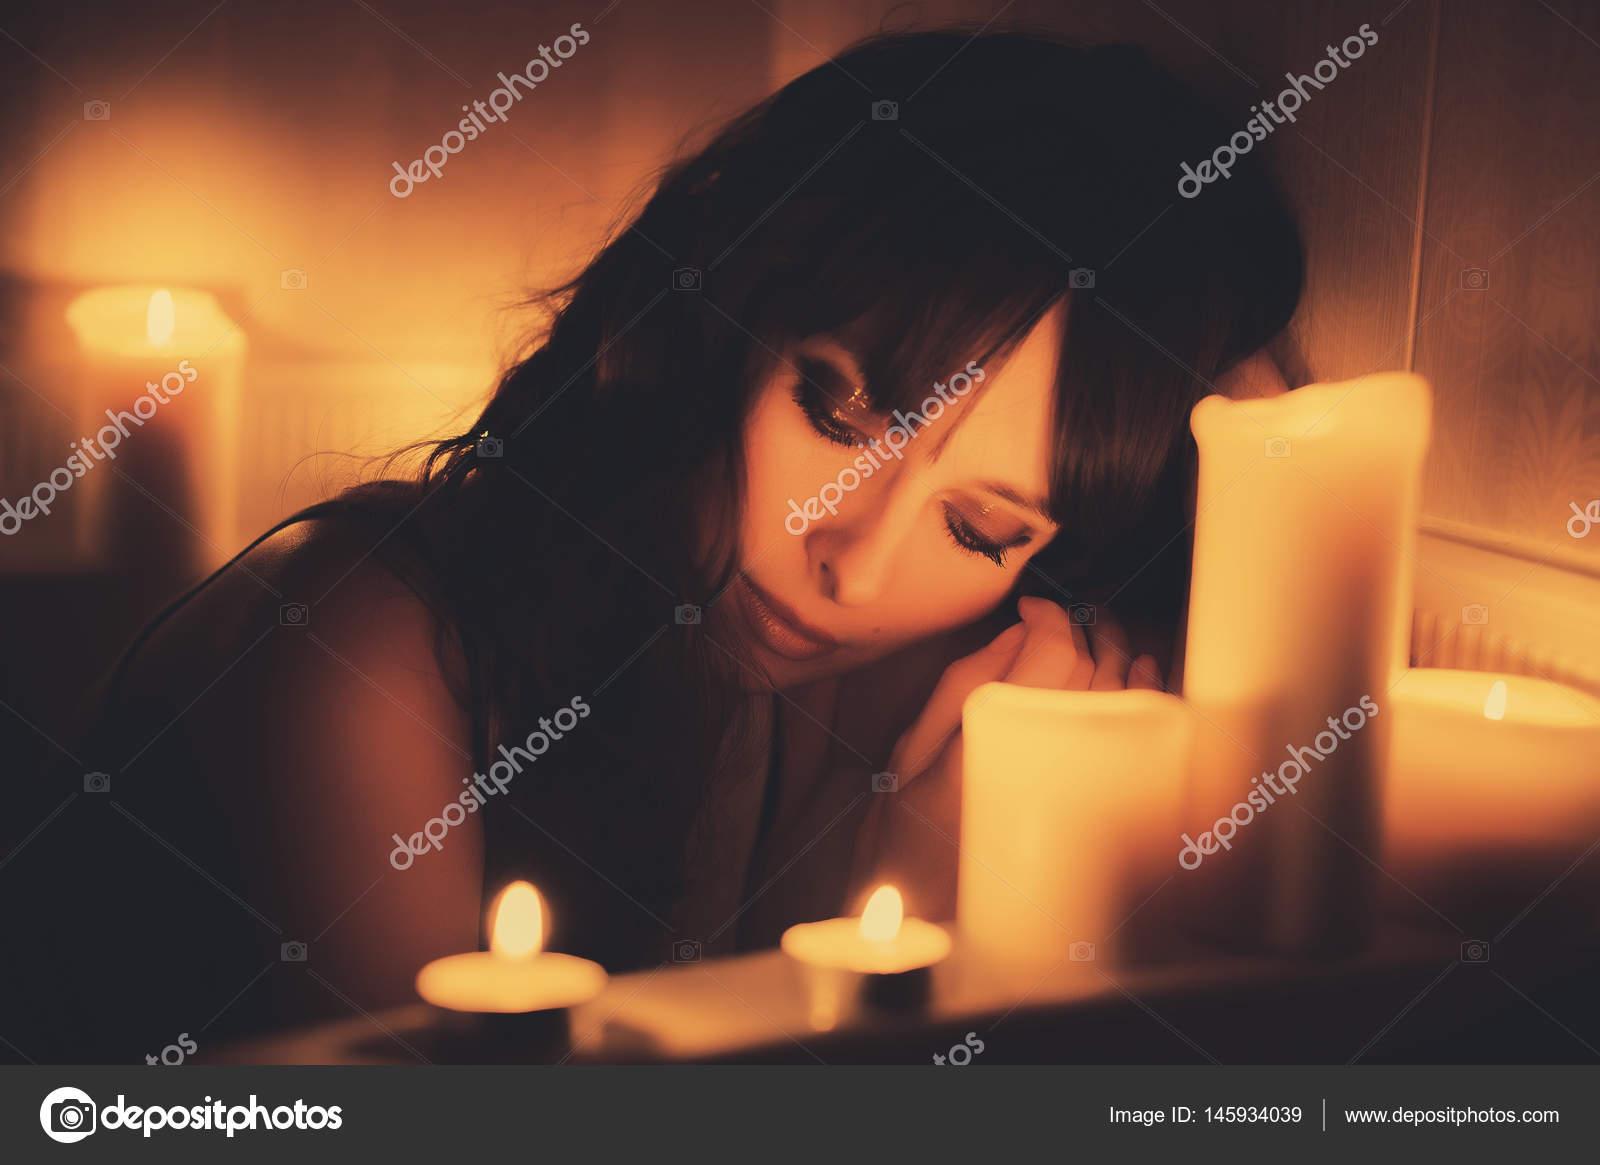 Vasca Da Bagno Romantica Con Candele : Donna nella vasca da bagno con le candele u2014 foto stock © lanarus